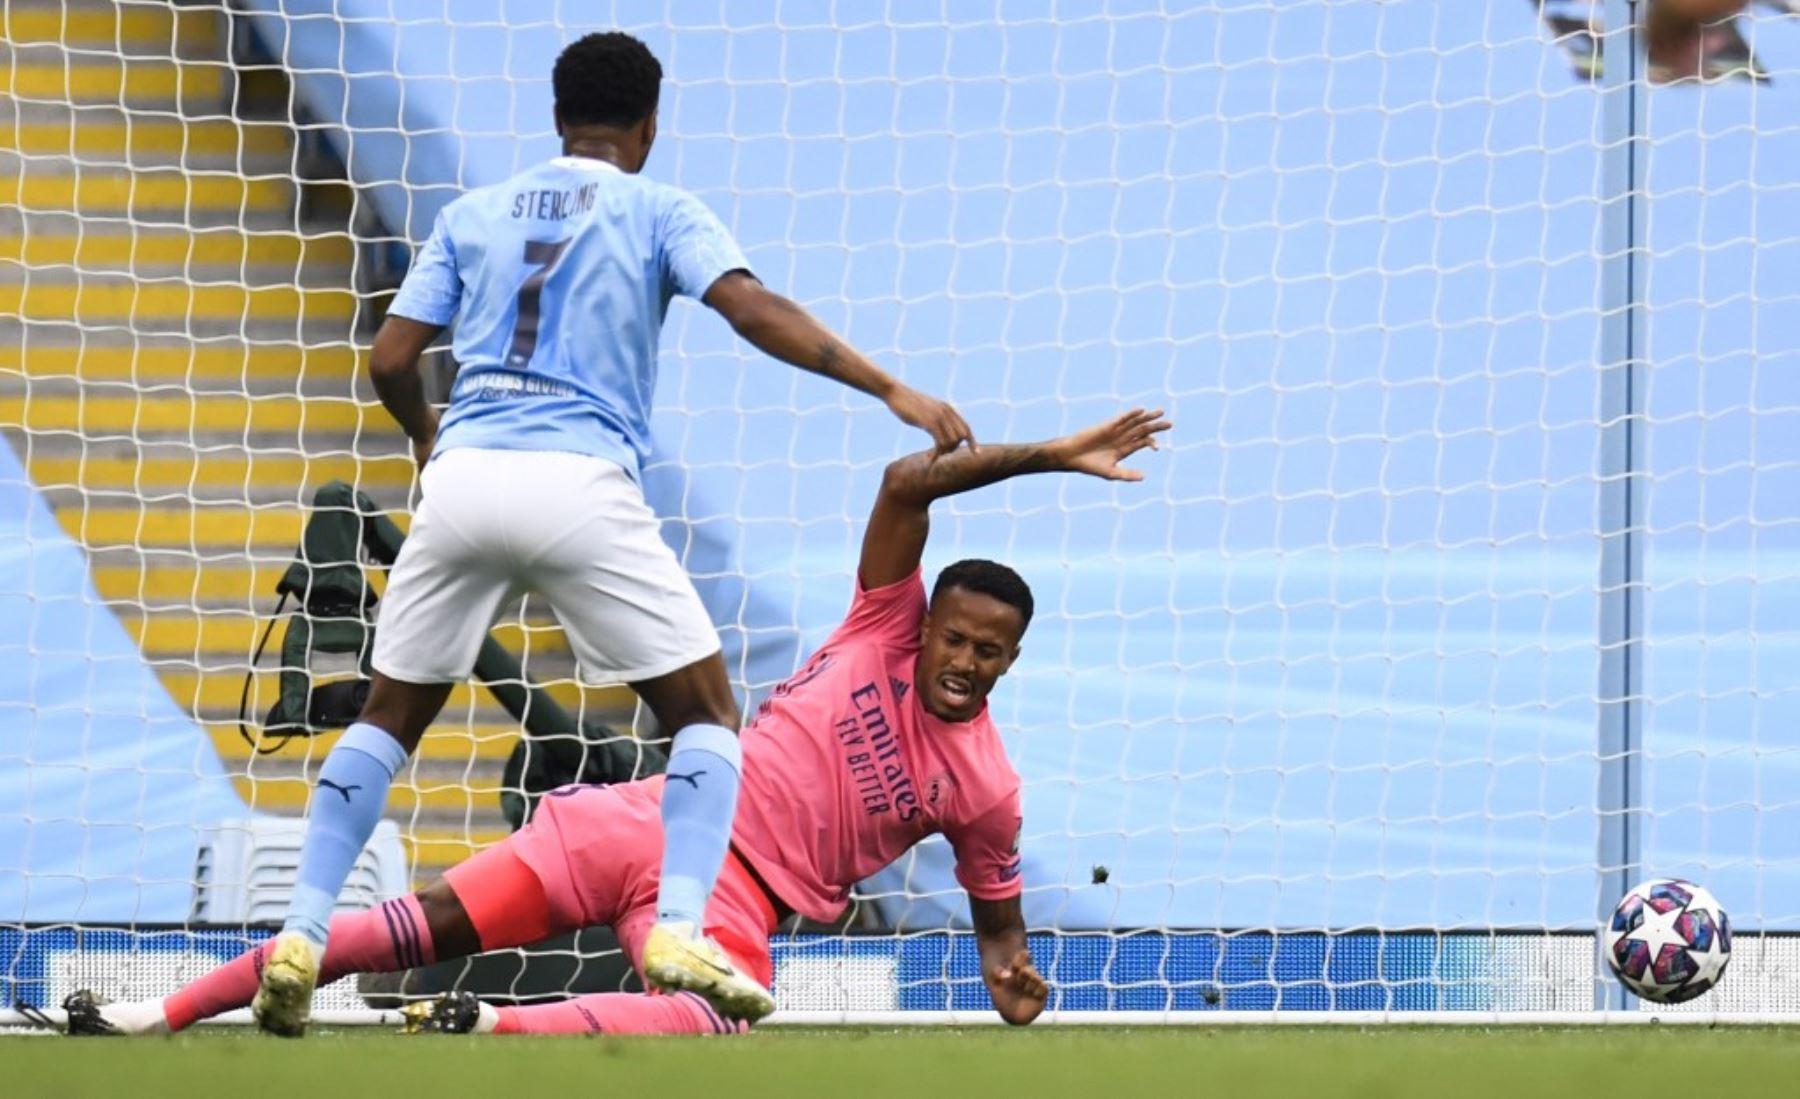 El mediocampista inglés del Manchester City, Raheem Sterling, dispara y marca un gol  al real Madrid, durante la ronda de la Liga de Campeones de la UEFA.Foto:AFP